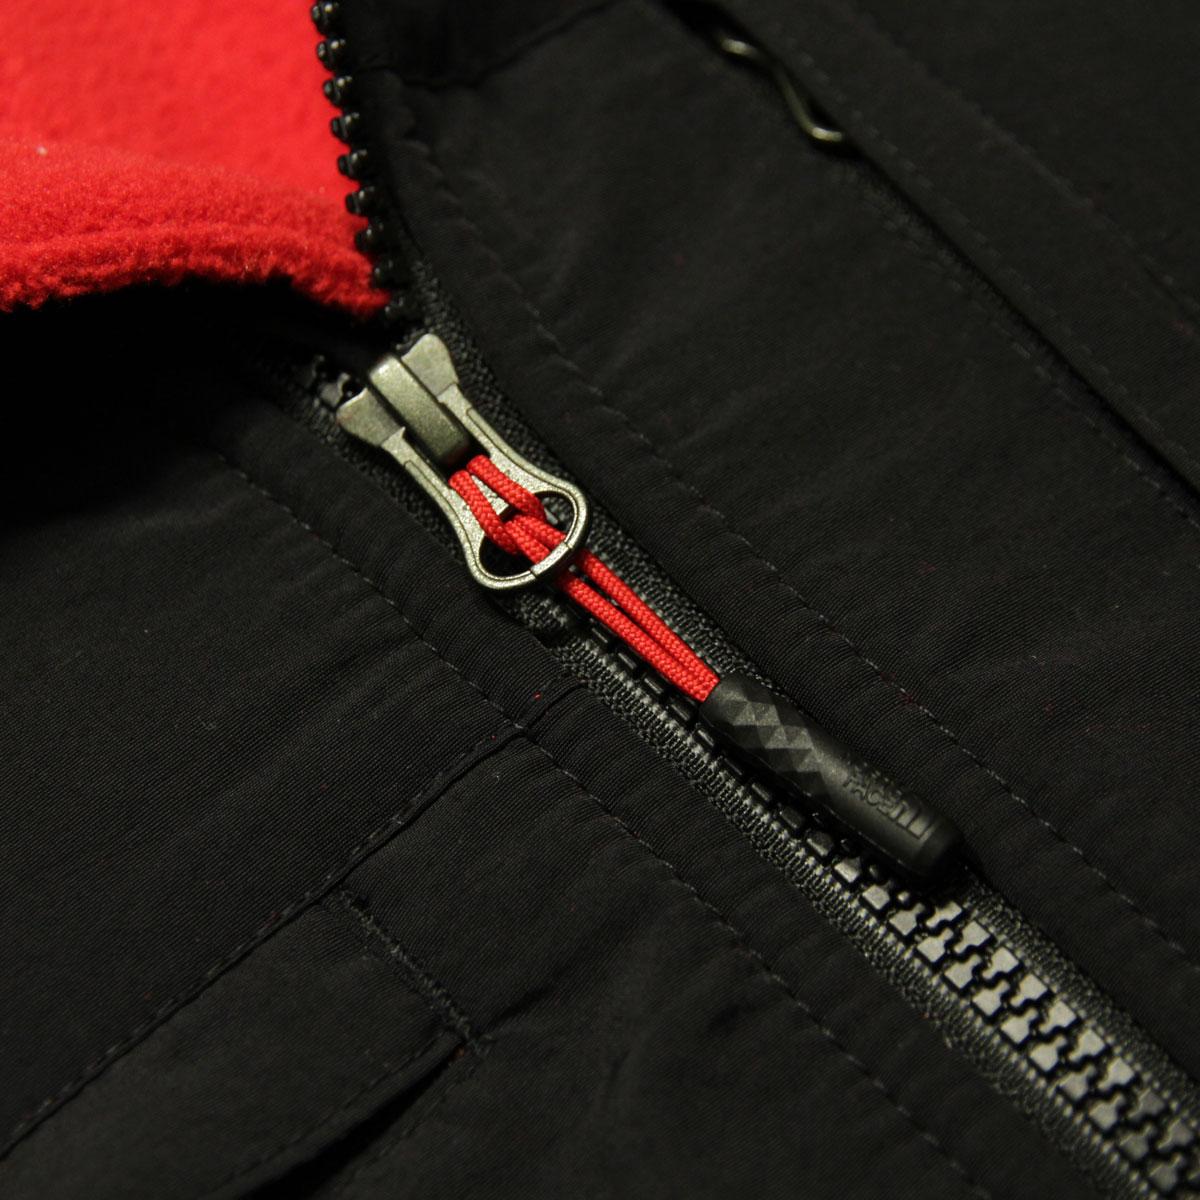 ノースフェイス アノラックジャケット メンズ 正規品 THE NORTH FACE フリースパーカー アウター DENALI ANORAK JACKET TNF RED TNF BLACK A14B B1C C1D D4E E11F ホワイトデー 2021 ラッピング無料